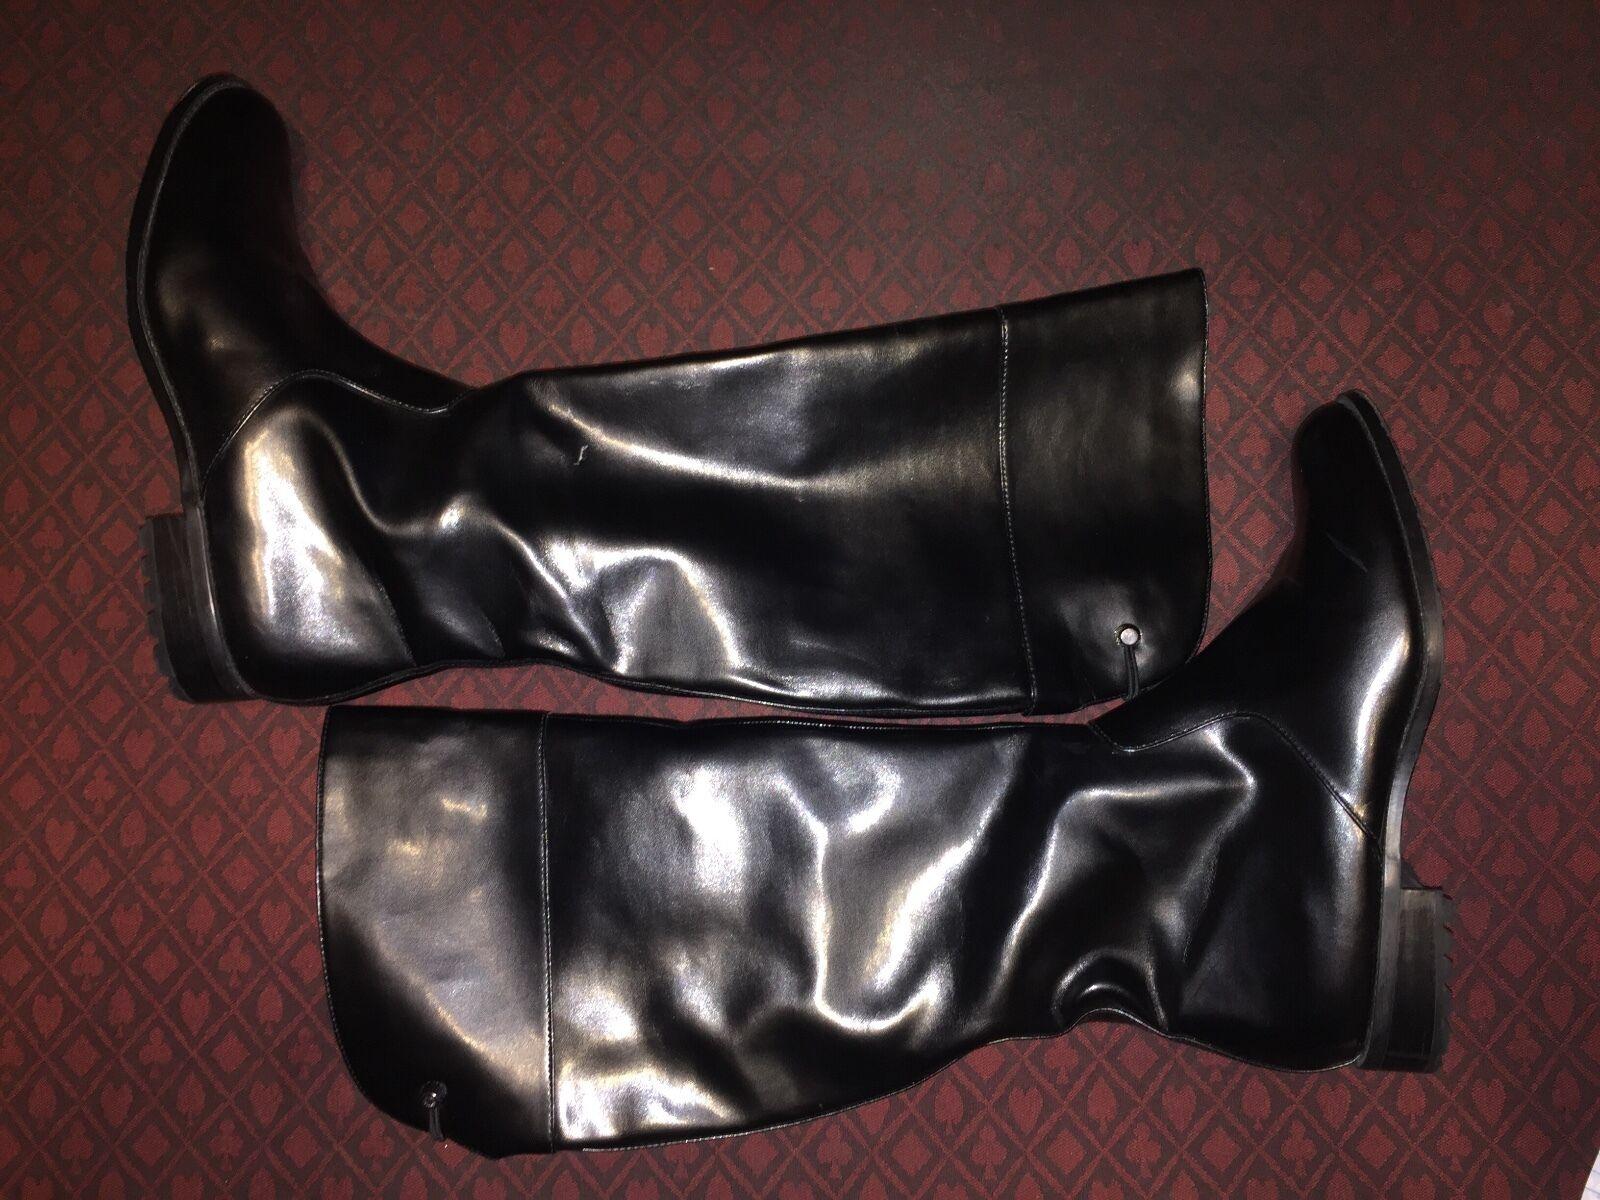 CLAVIN KLEIN WOMEN'S BOOTS- SIZE 7.5M